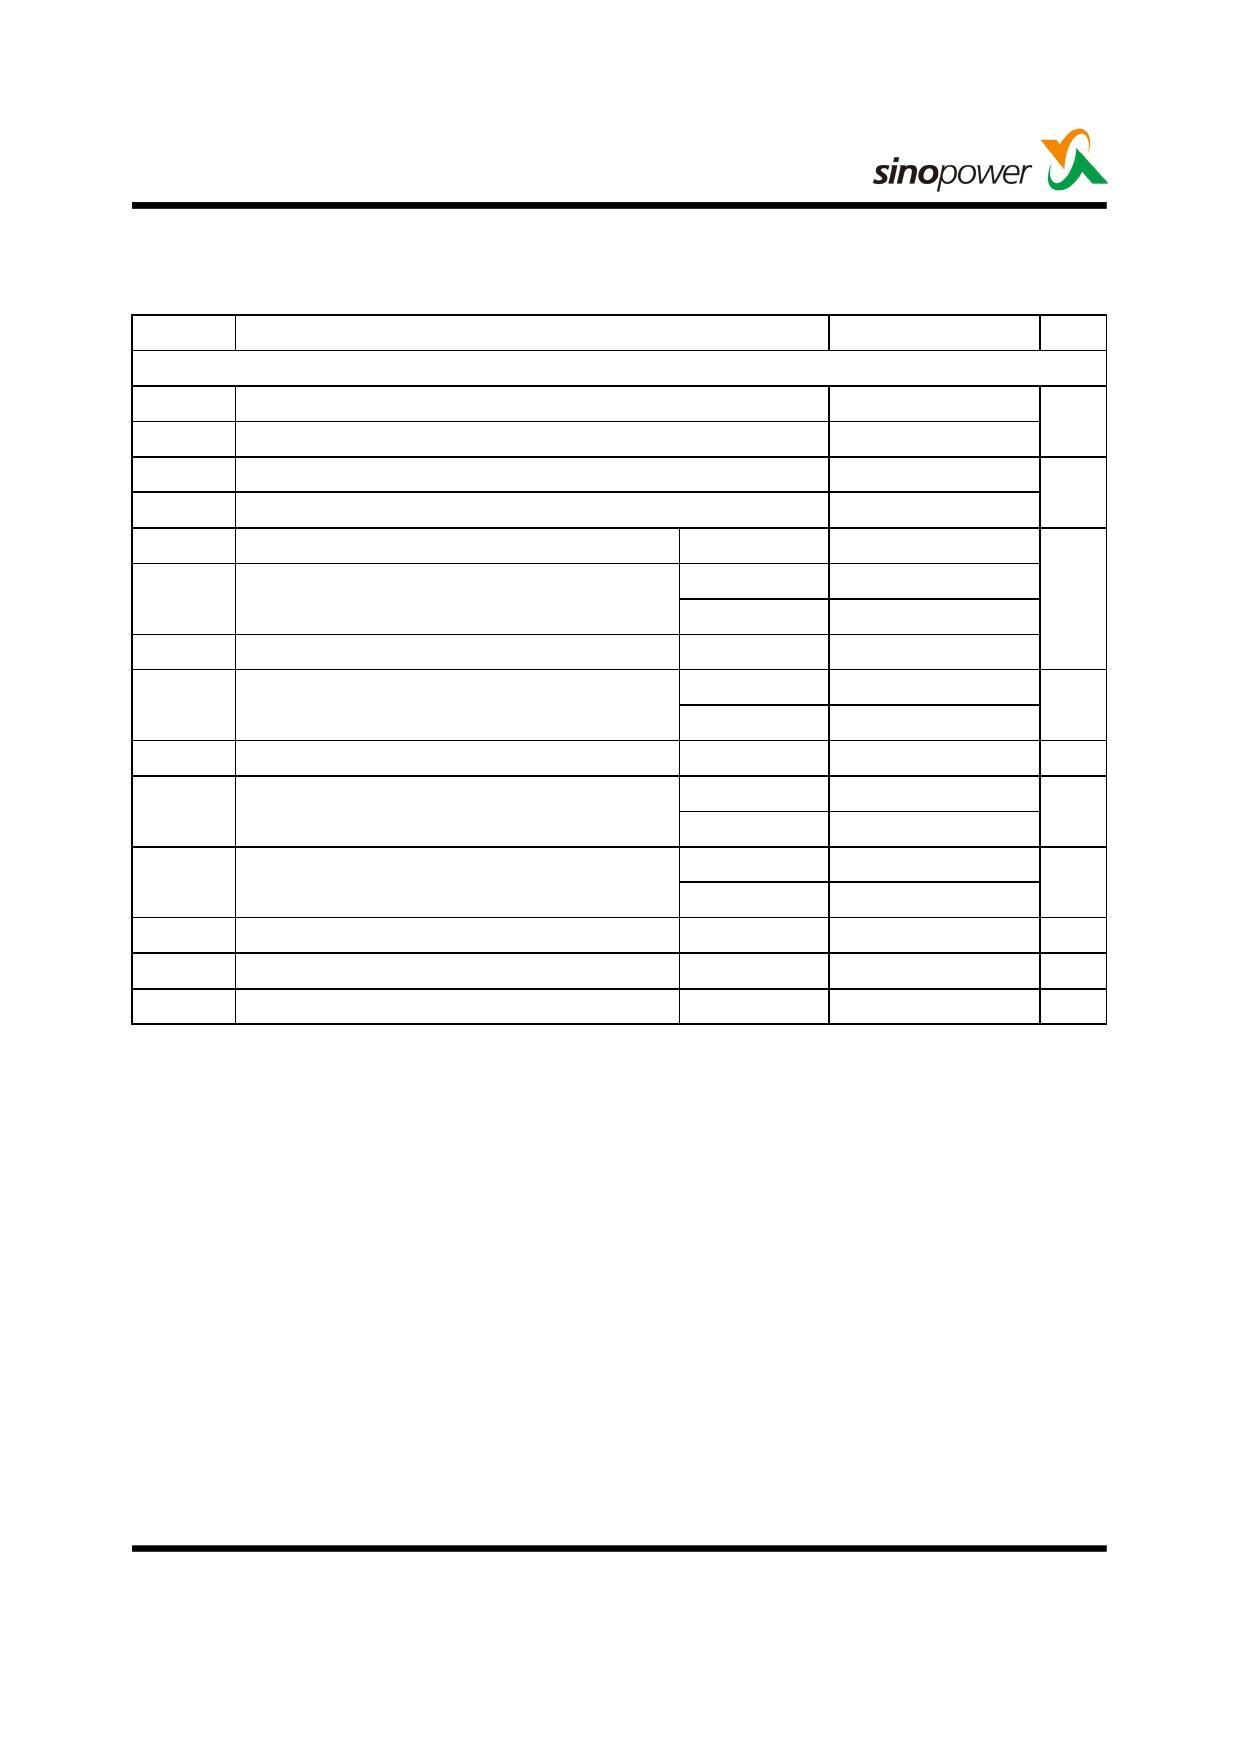 SM7575NSF pdf